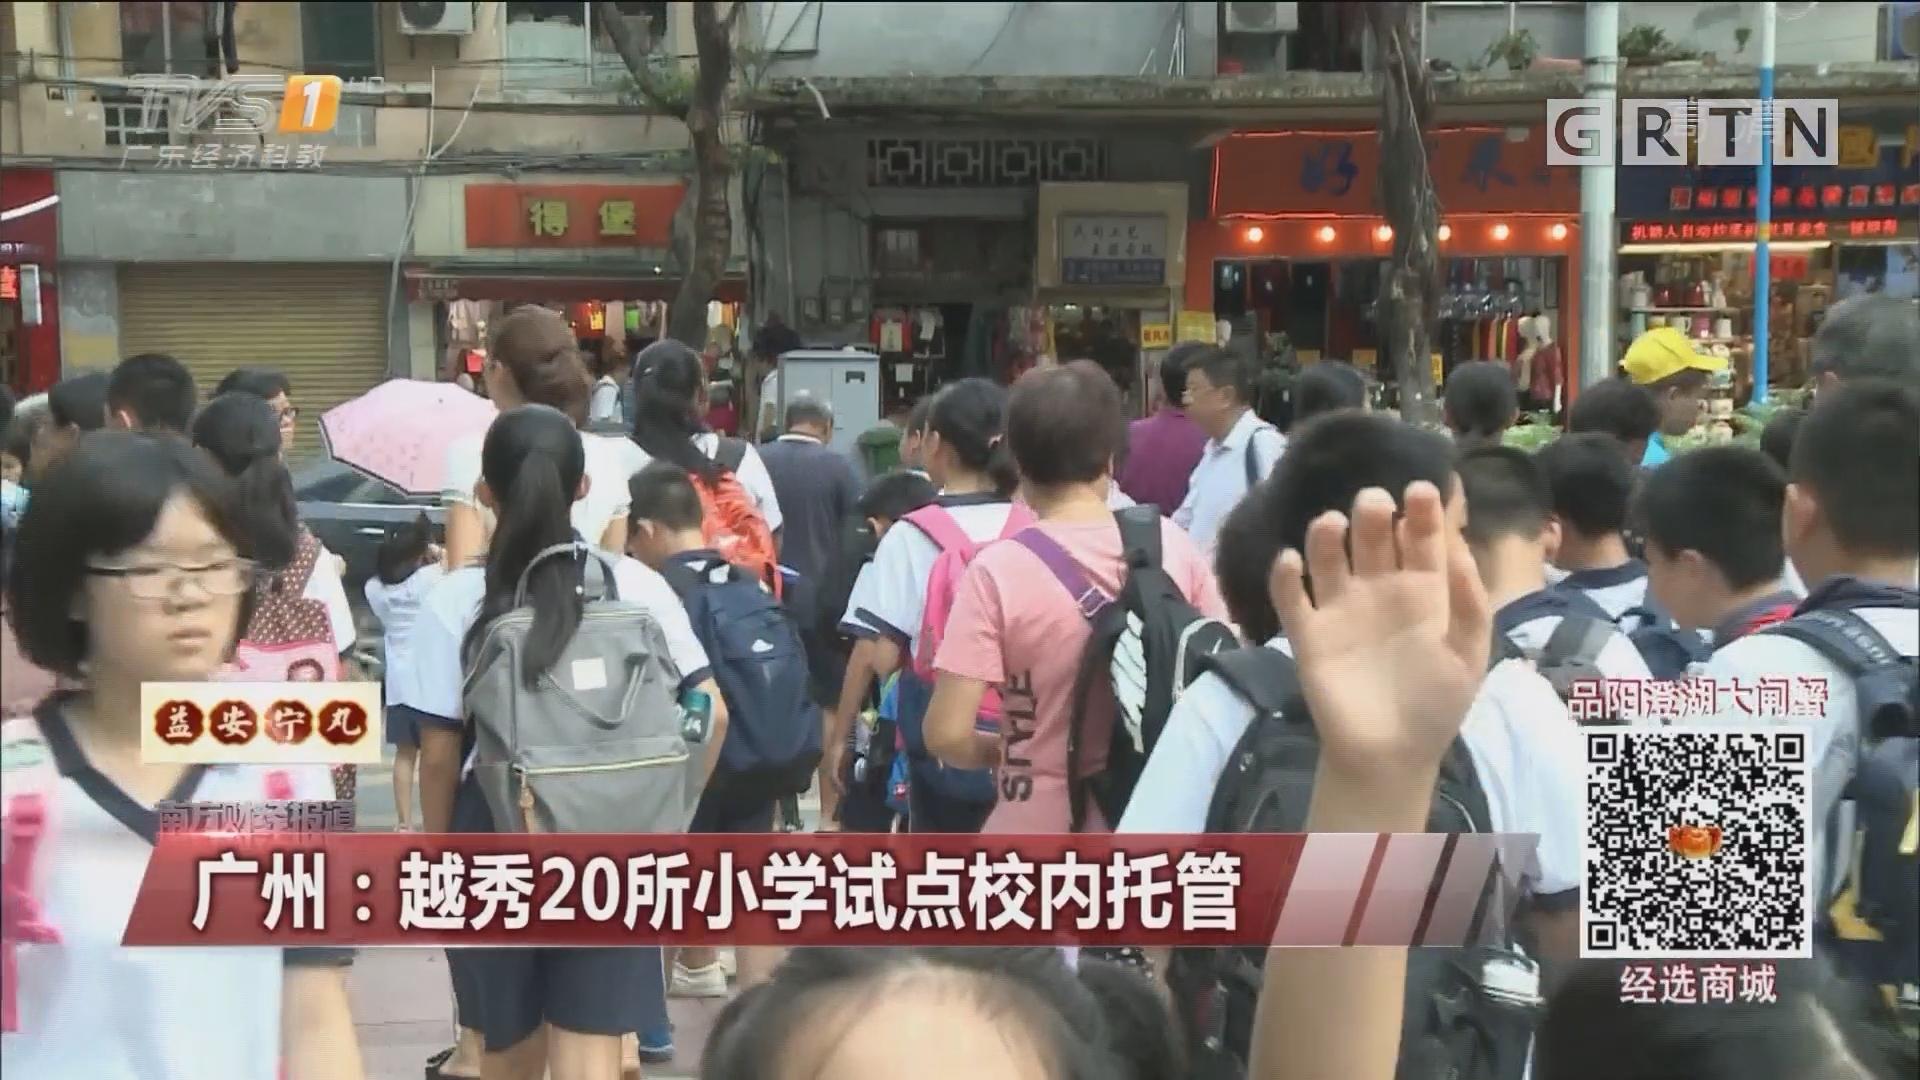 广州:越秀20所小学试点校内托管